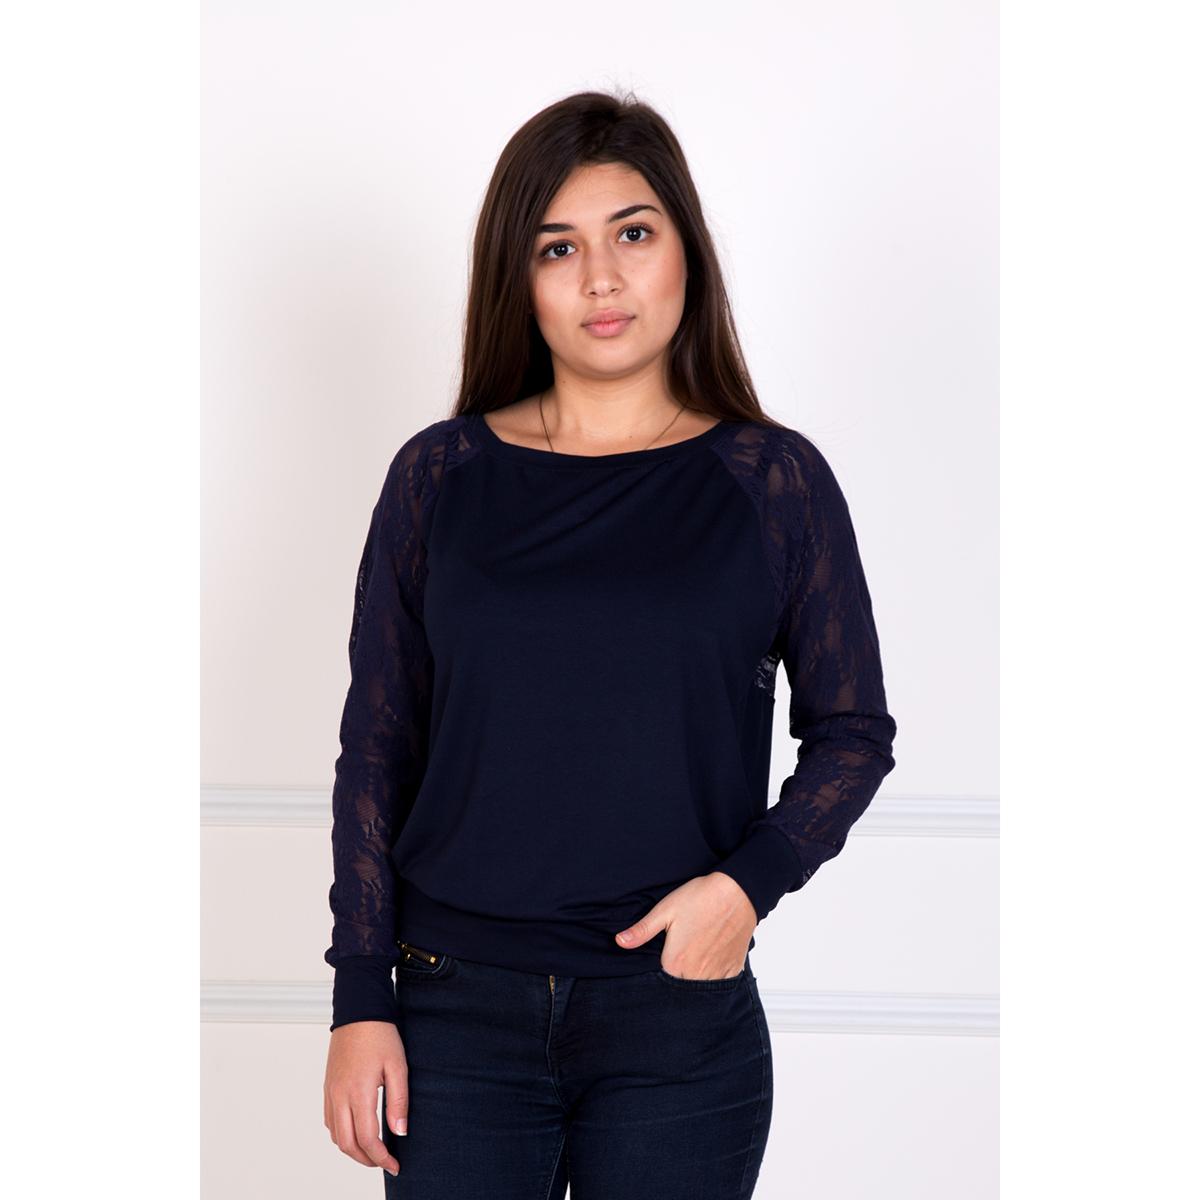 Женская блуза Силена Синий, размер 44Блузы<br>Обхват груди:88 см<br>Обхват талии:68 см<br>Обхват бедер:96 см<br>Рост:167 см<br><br>Тип: Жен. блуза<br>Размер: 44<br>Материал: Вискоза